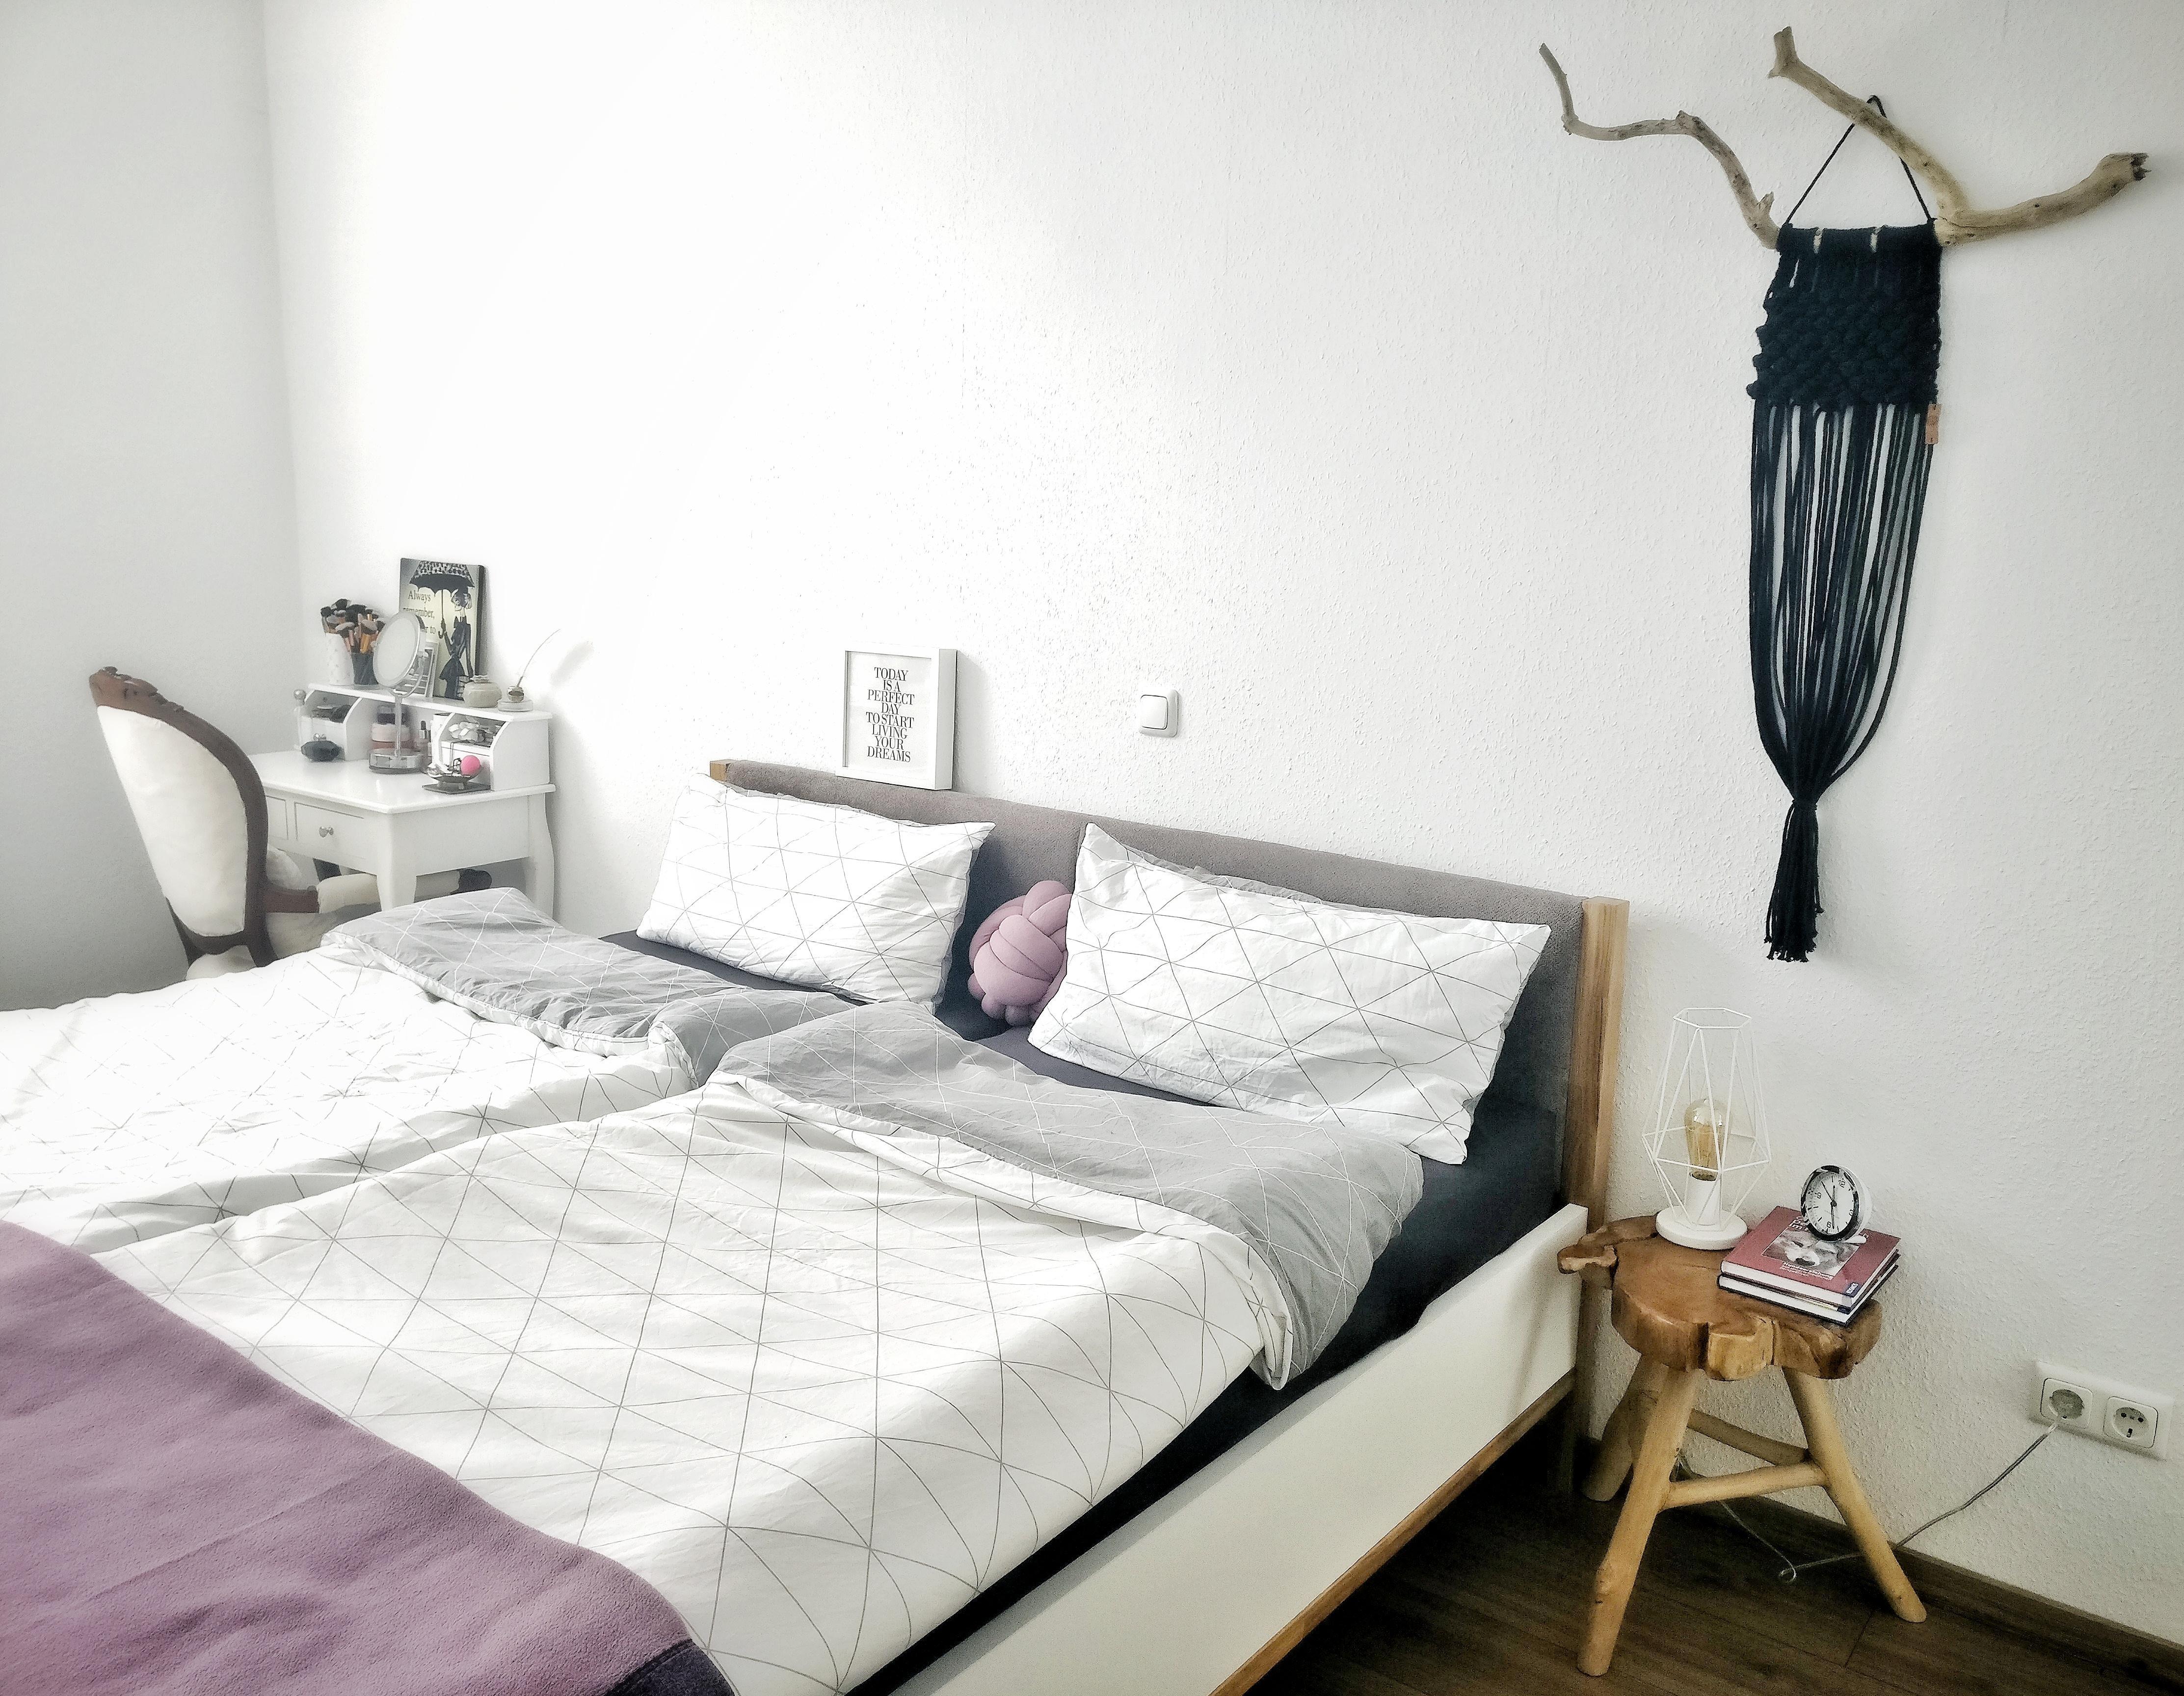 Kleine schlafzimmer ausnutzen so schaffst du stauraum - Kleines schlafzimmer gemutlich gestalten ...